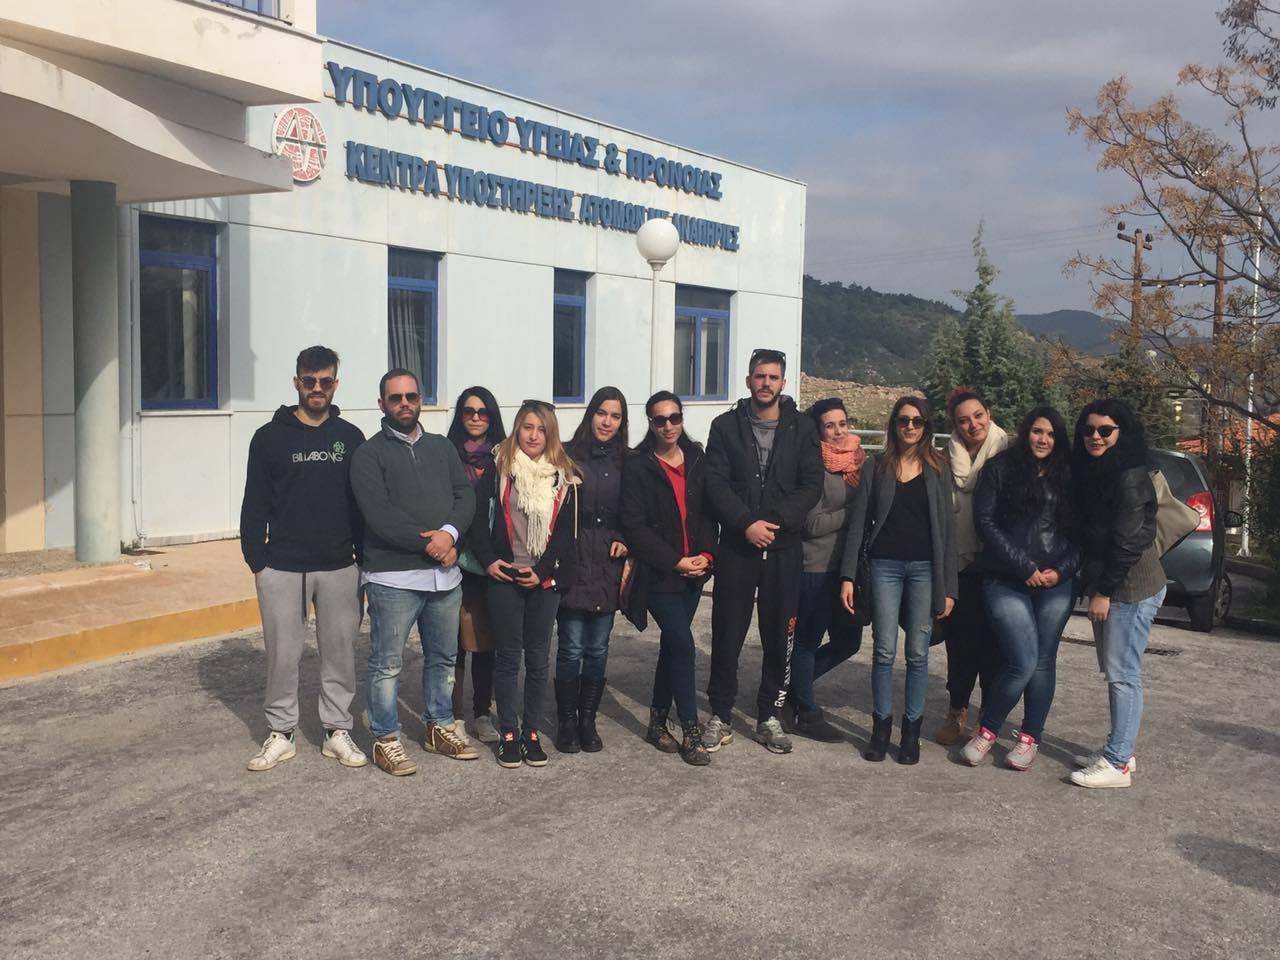 Εκπαιδευτική επίσκεψη του τμήματος Φυσικοθεραπείας του ΙΕΚ Μυτιλήνης στο ΚΕΦΙΑΠ